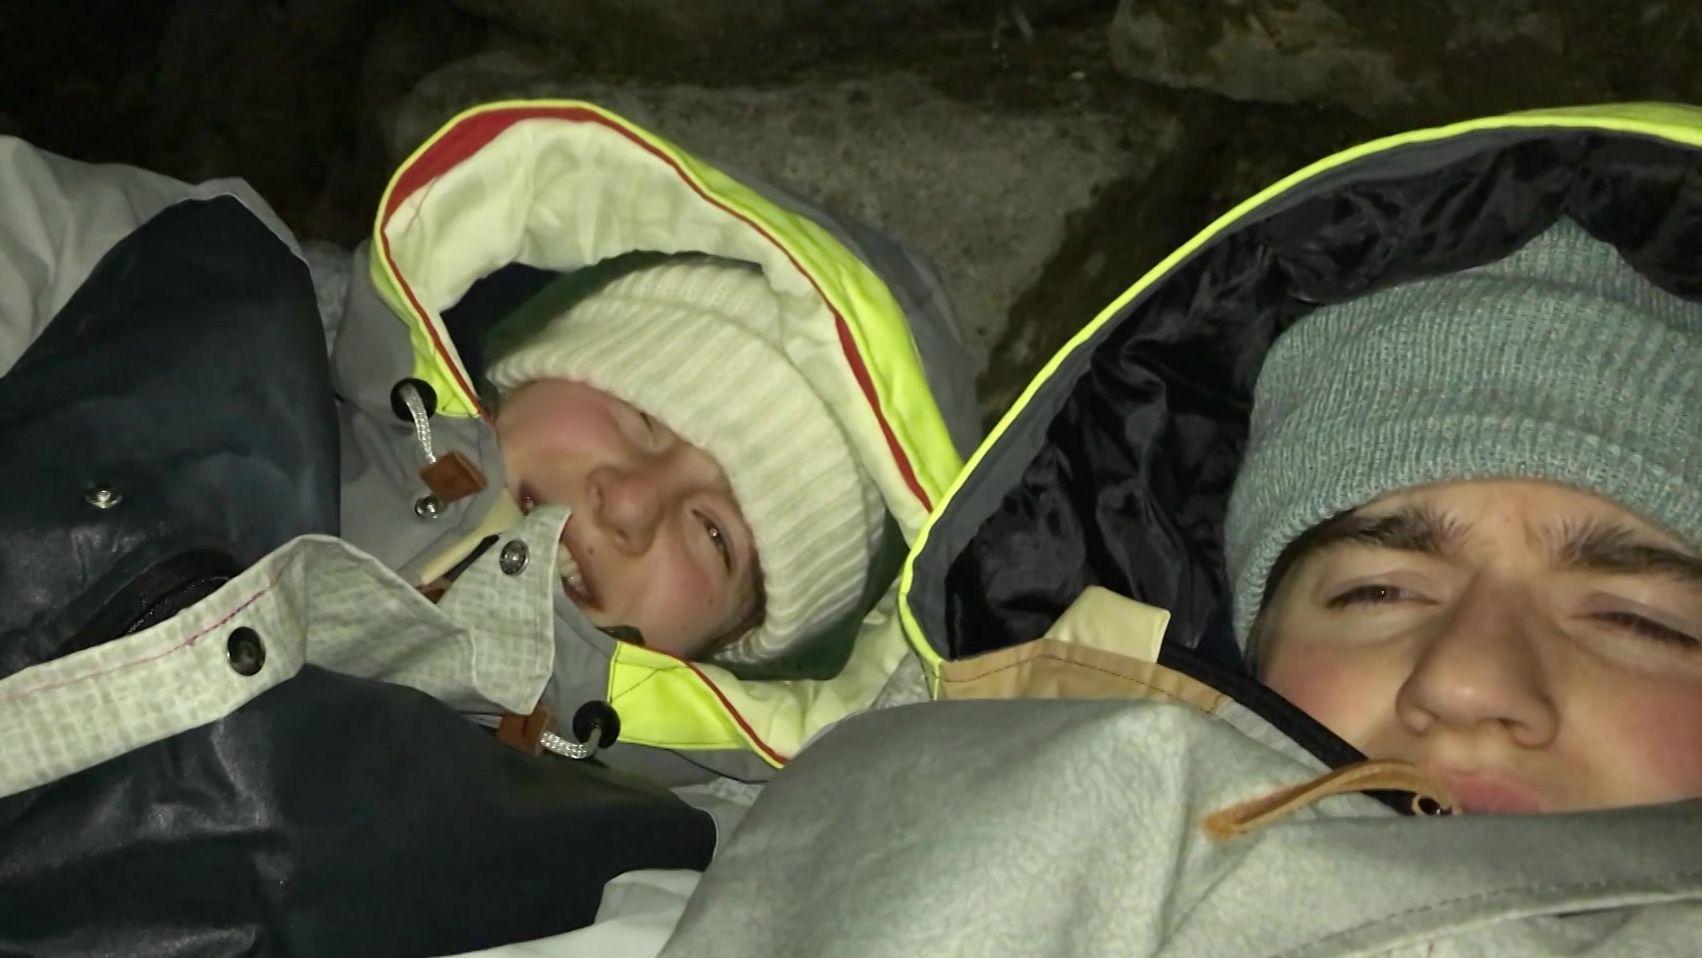 Zwei Menschen sind in jeweils einem Sheltersuit eingemummelt